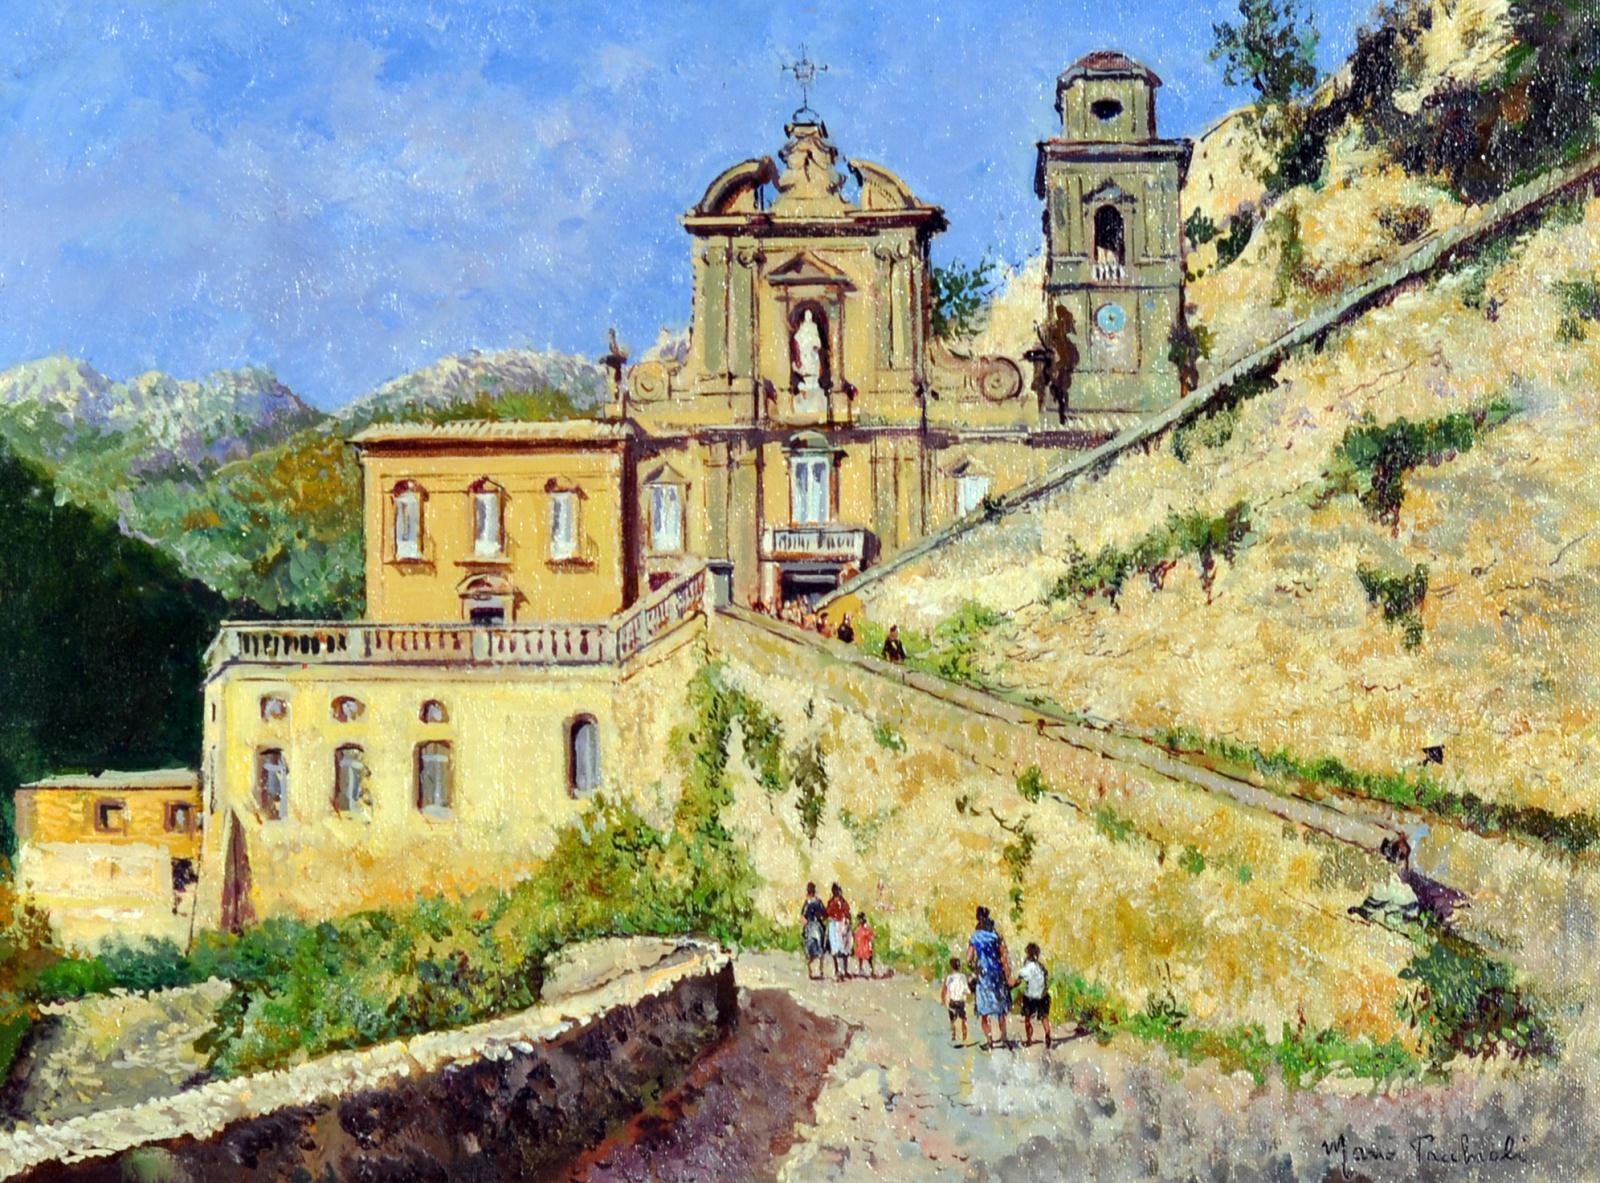 abbazia orizzontale